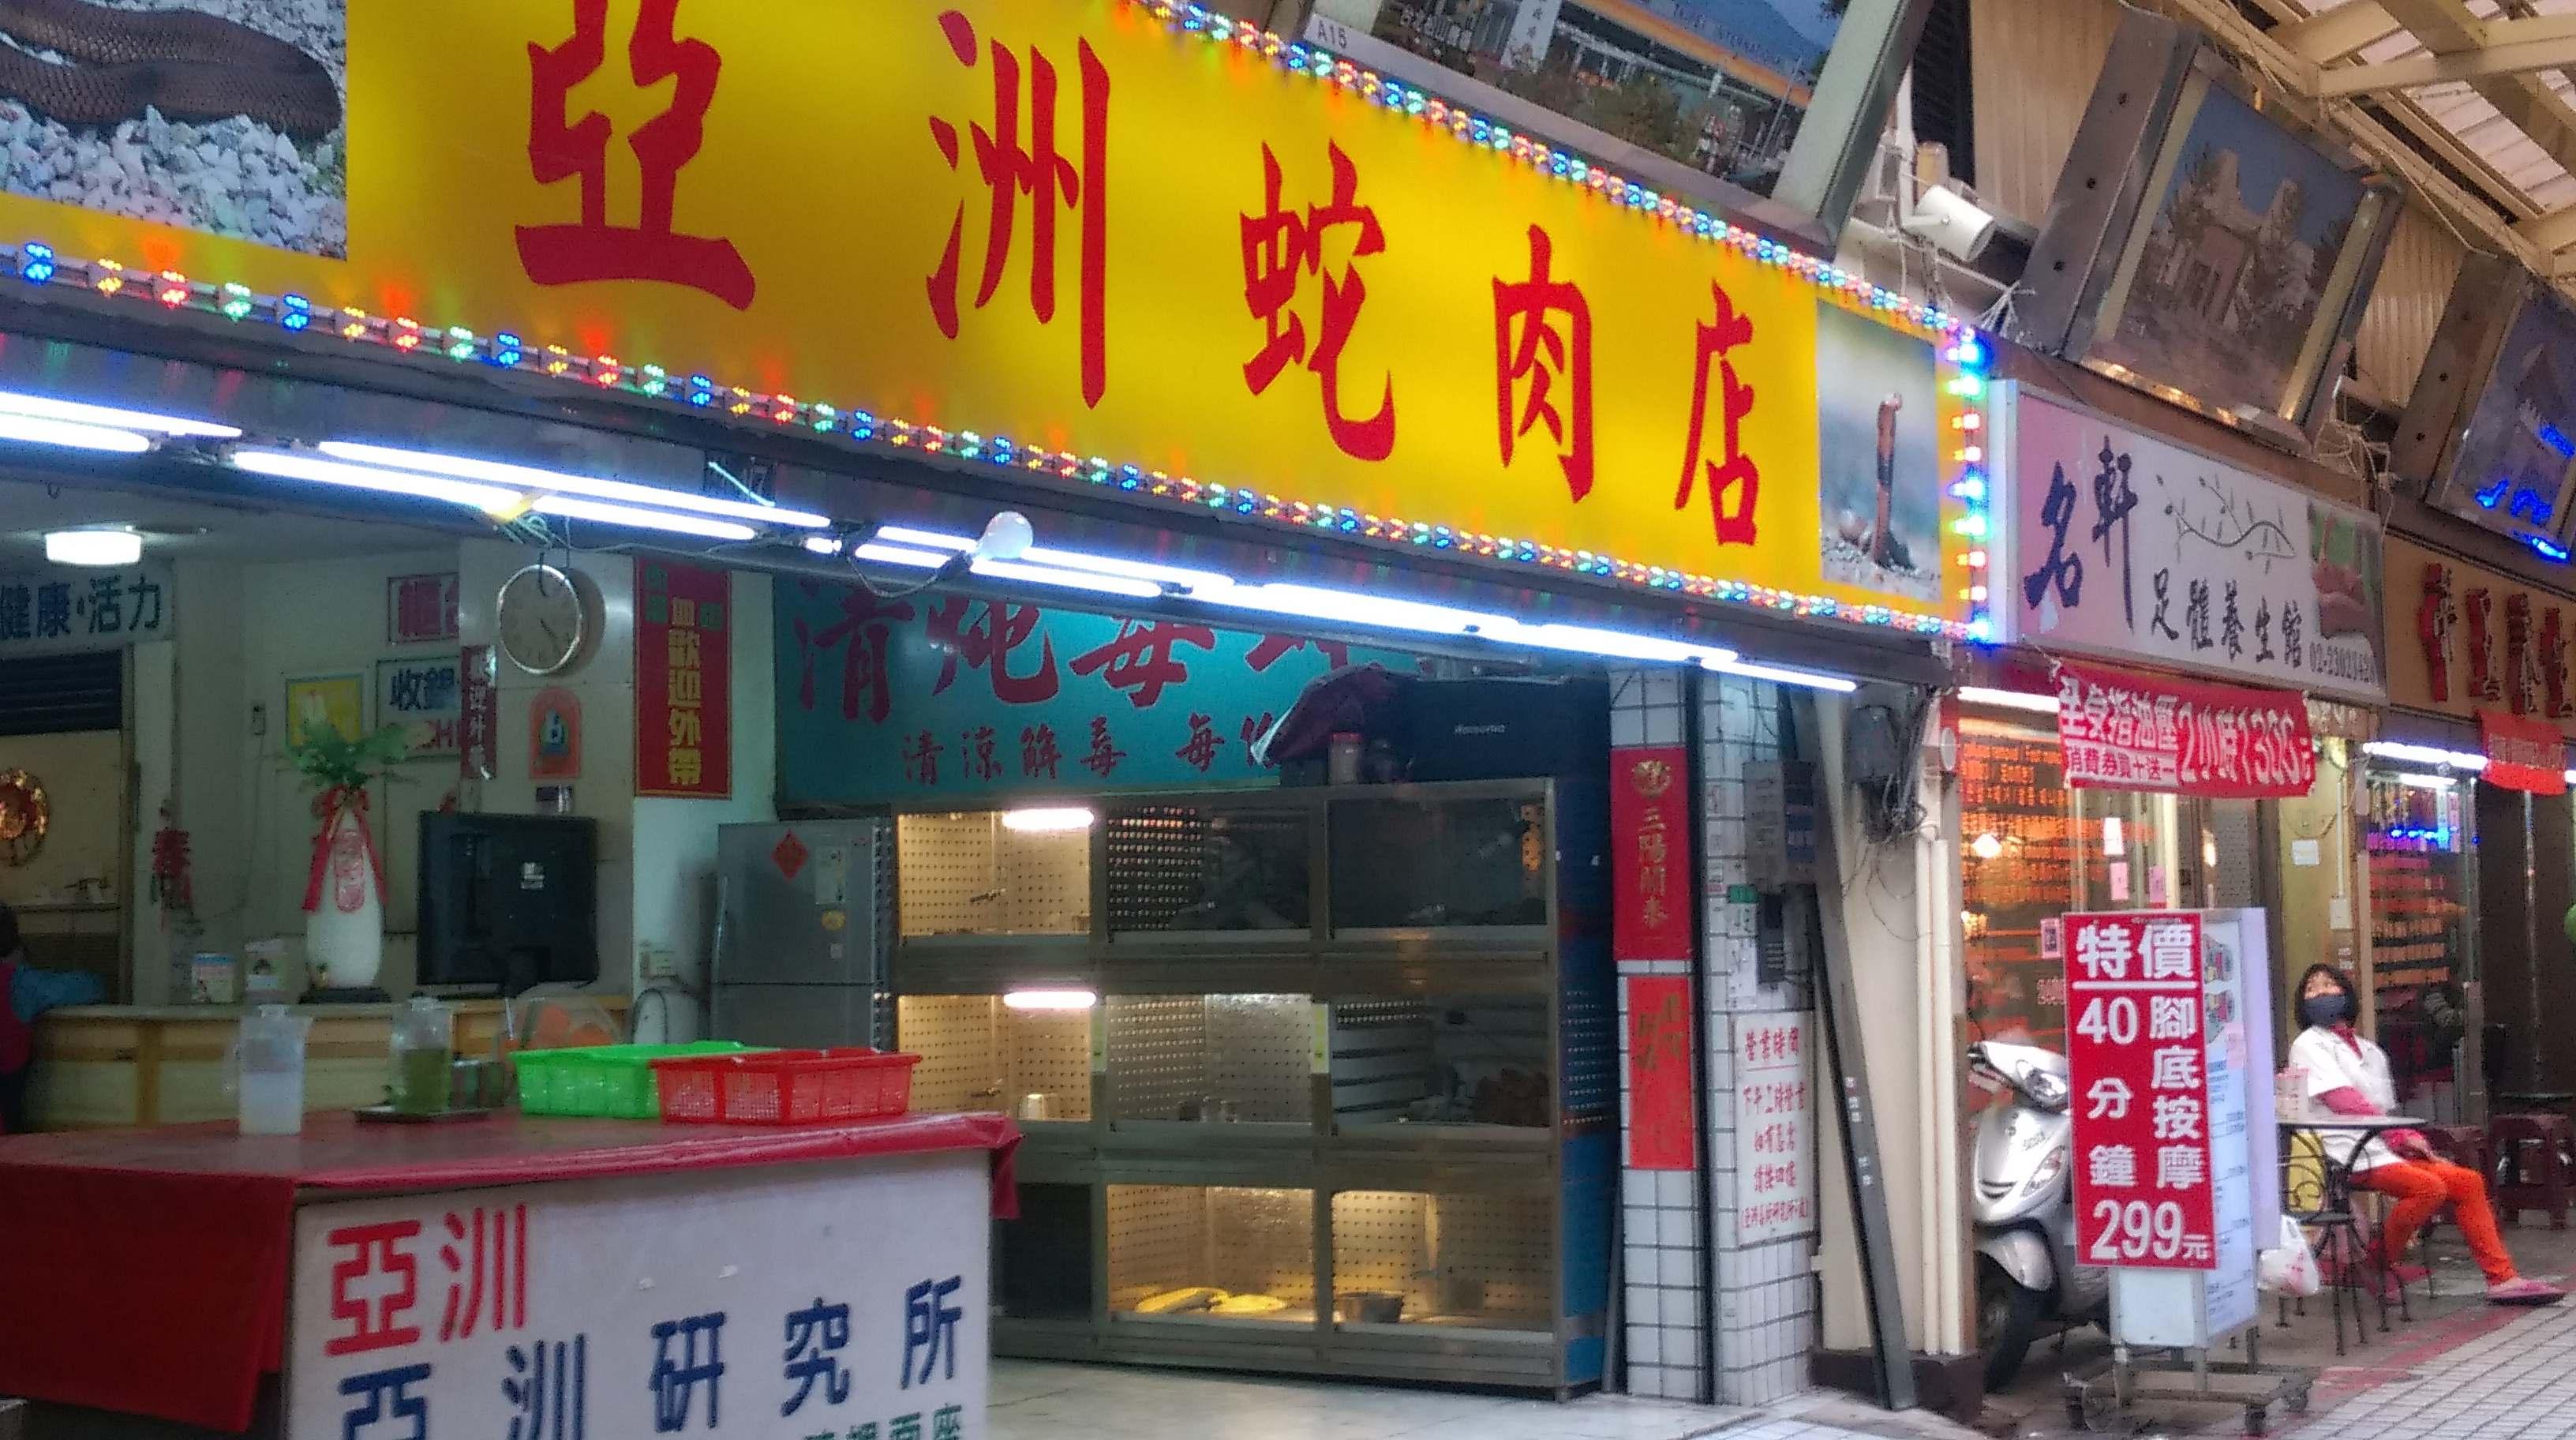 160116-龍山寺-按摩店-吃的店面4